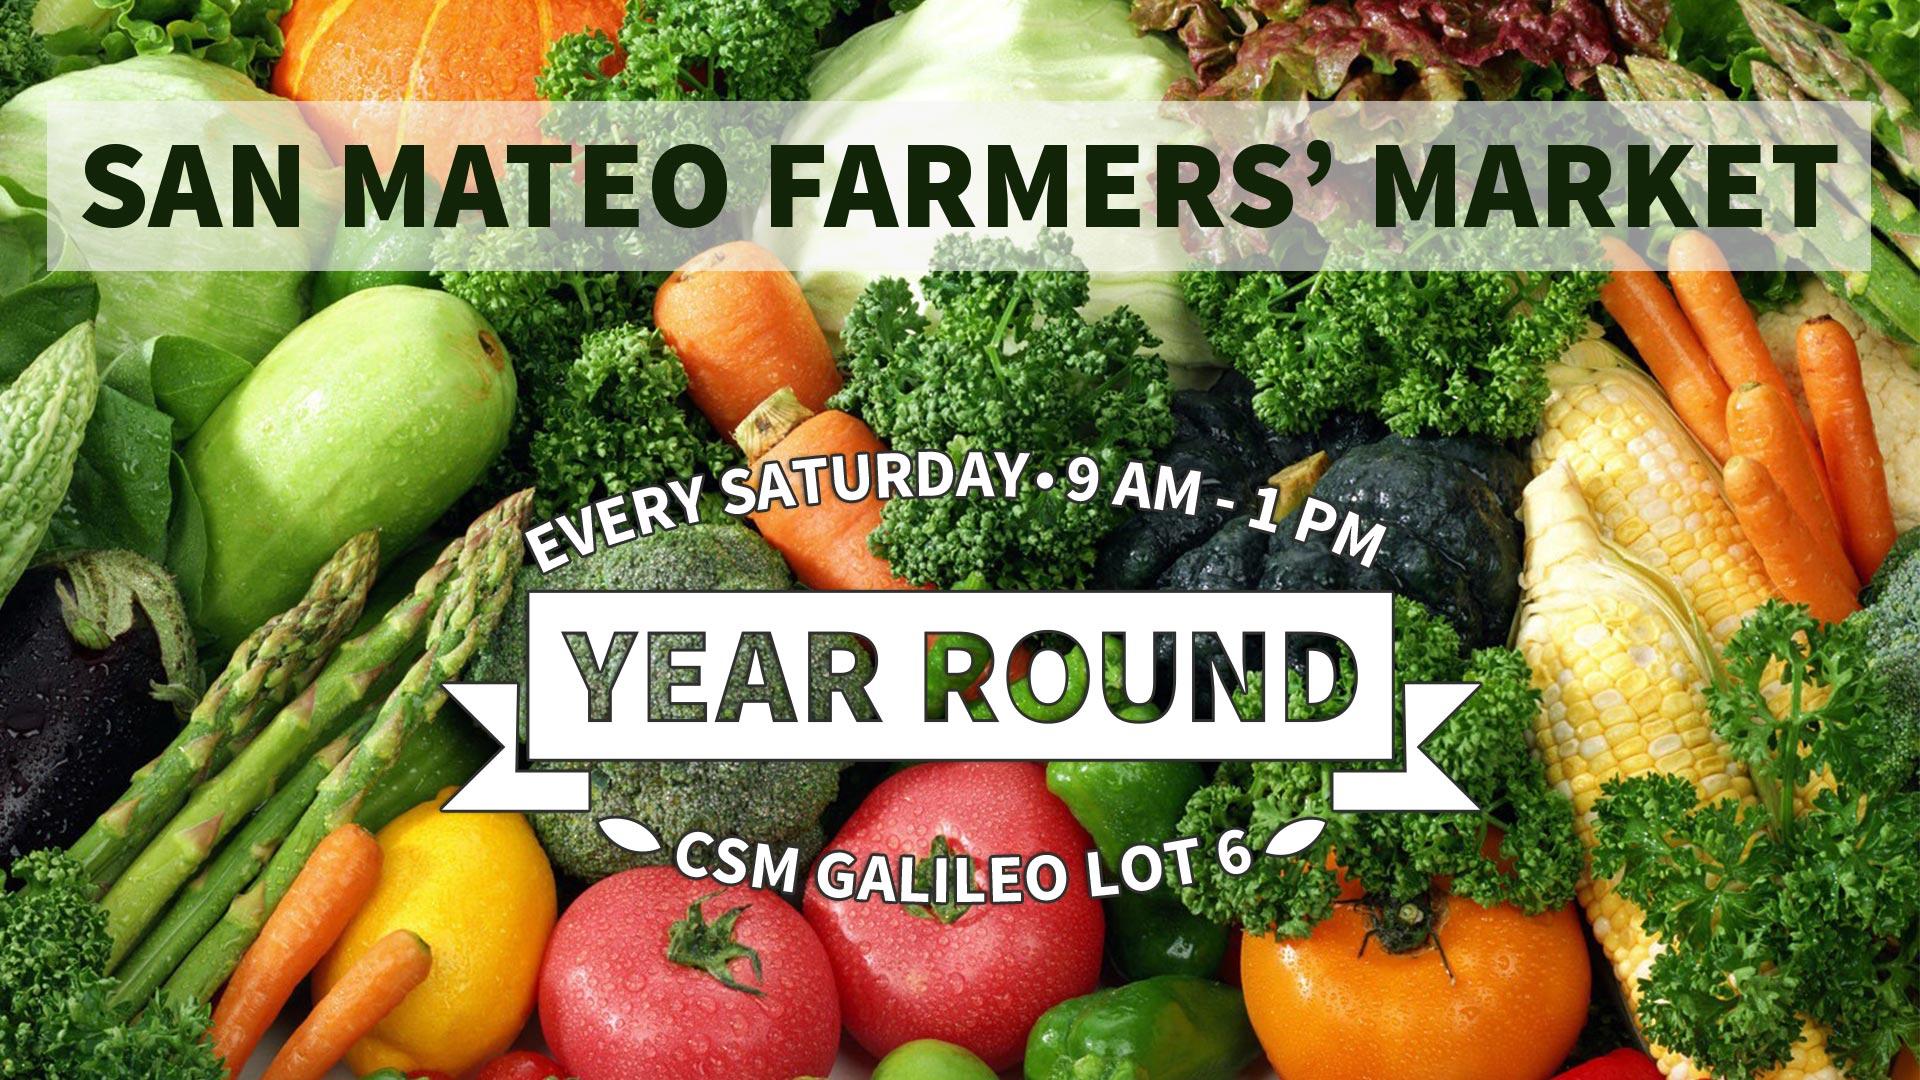 San Mateo Farmers' Market